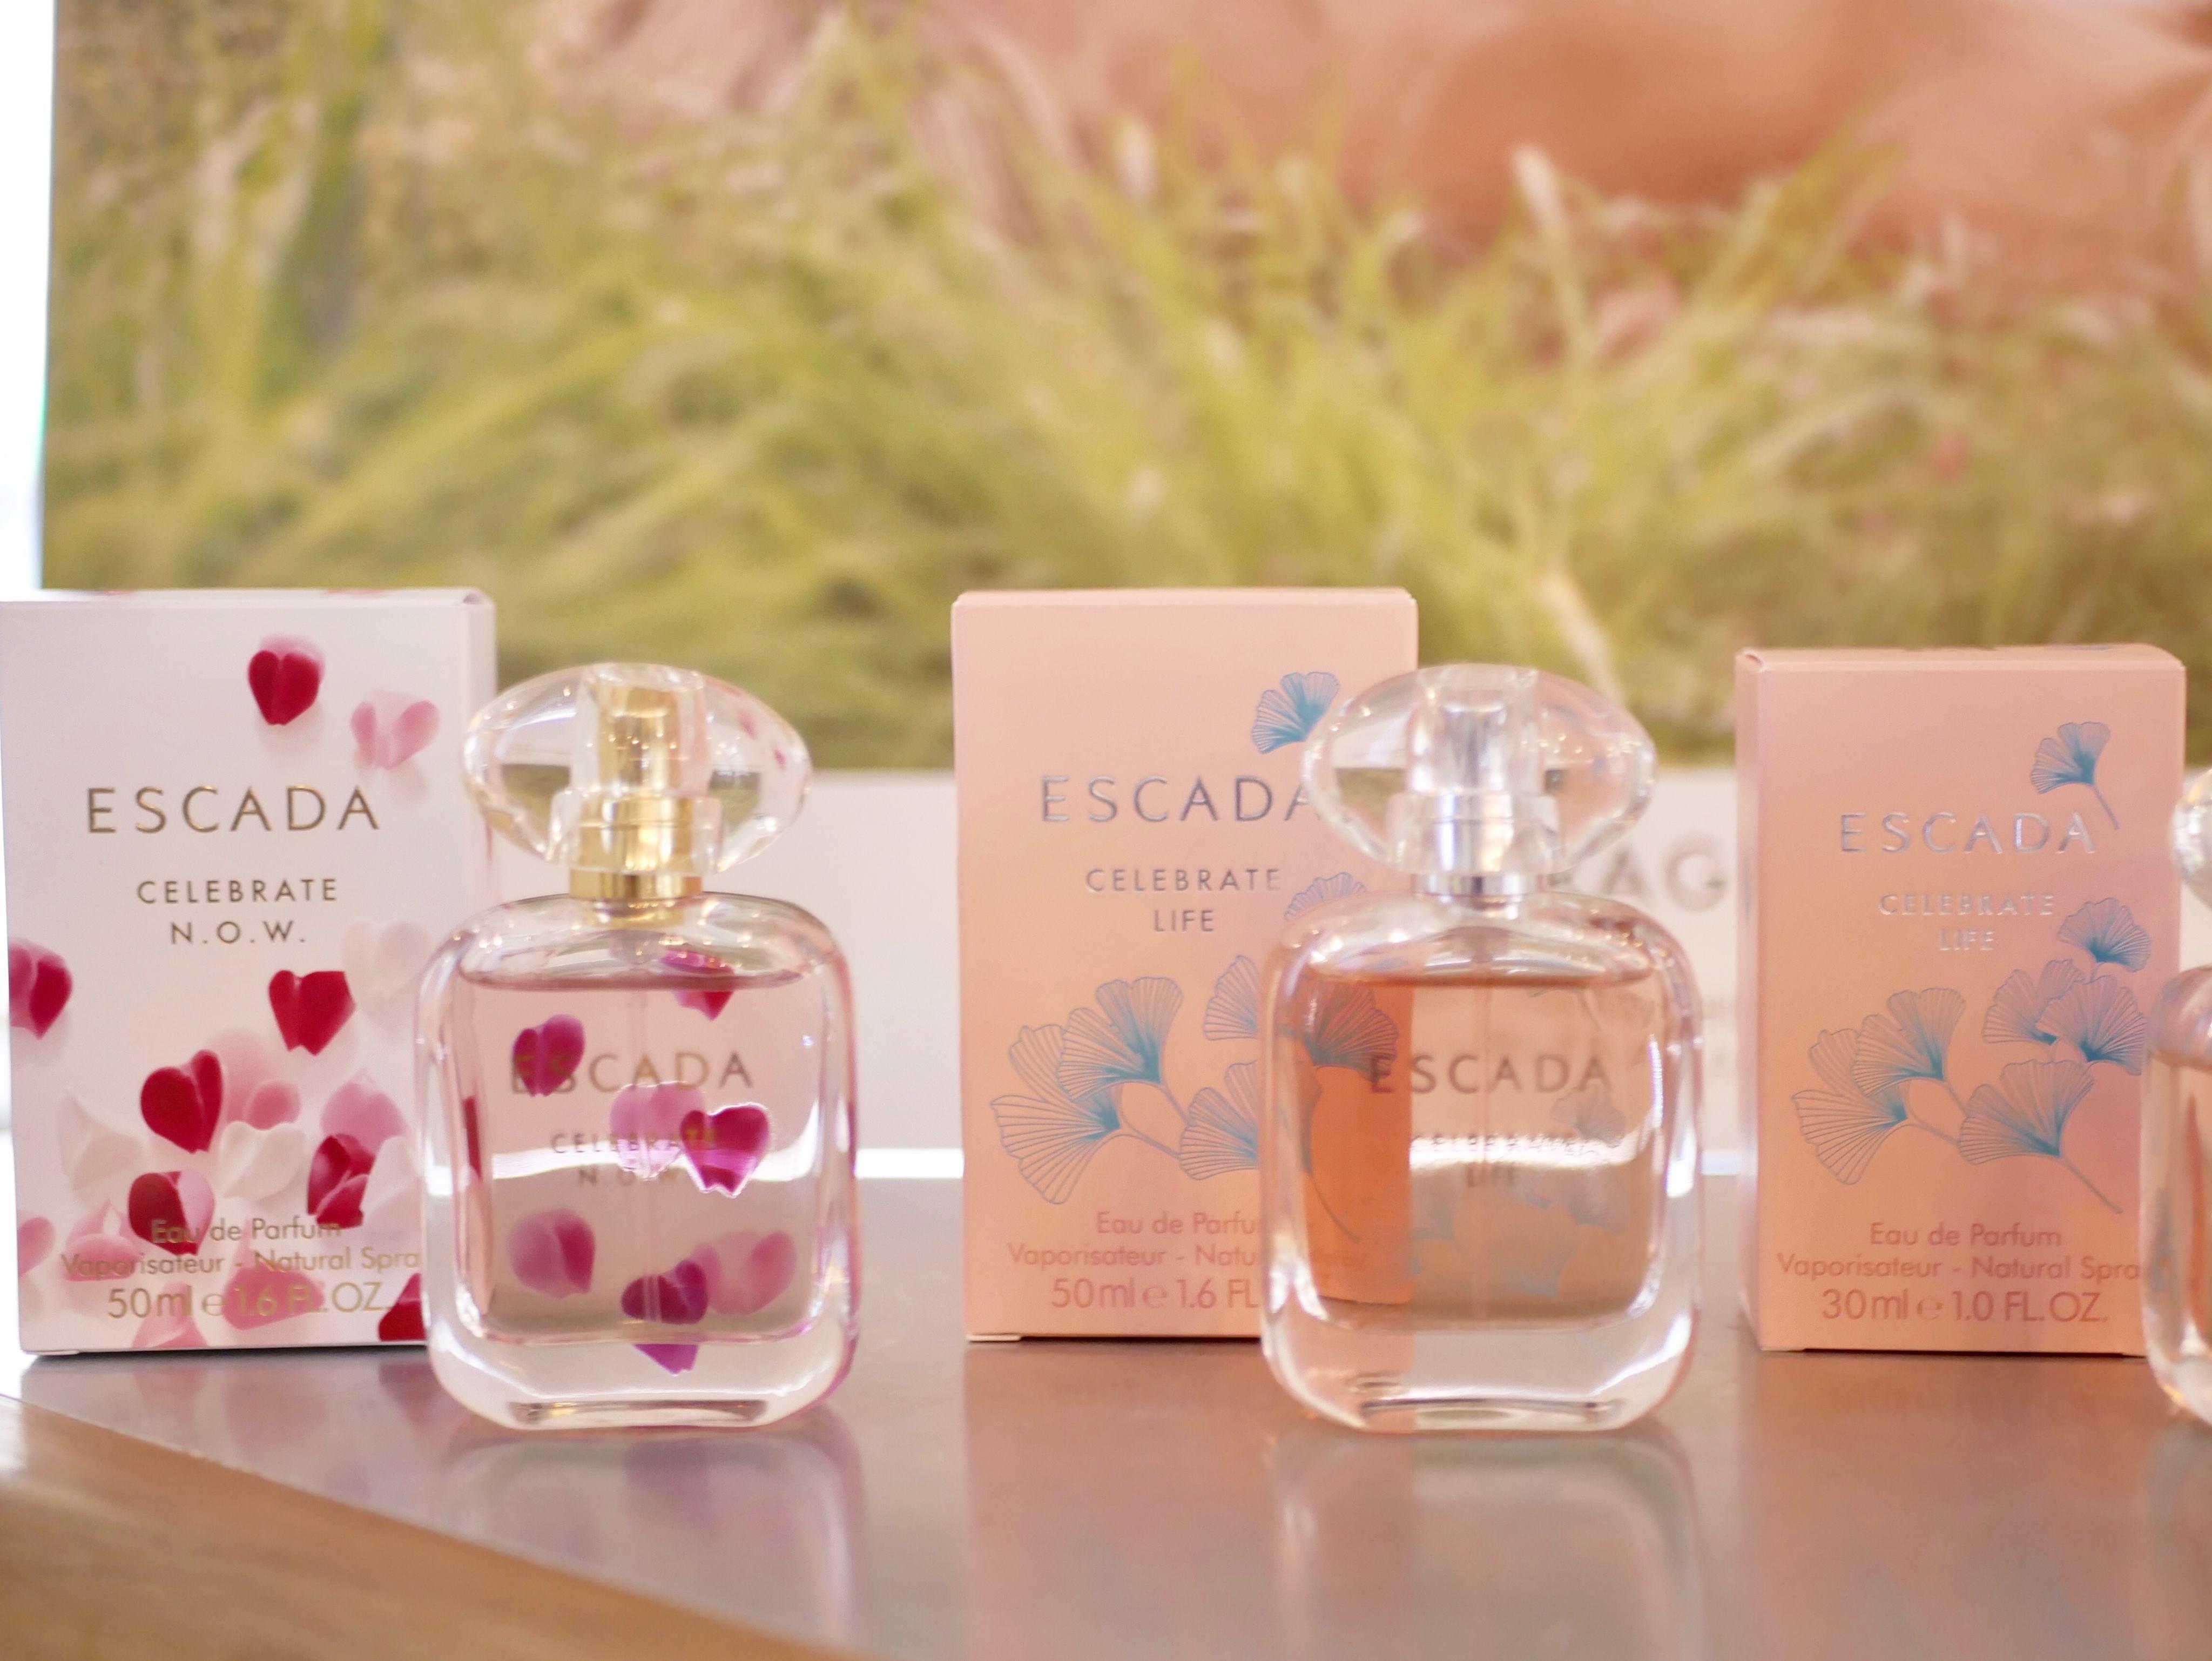 parfym arkiv Sida 2 av 3 Skönhetsredaktörerna